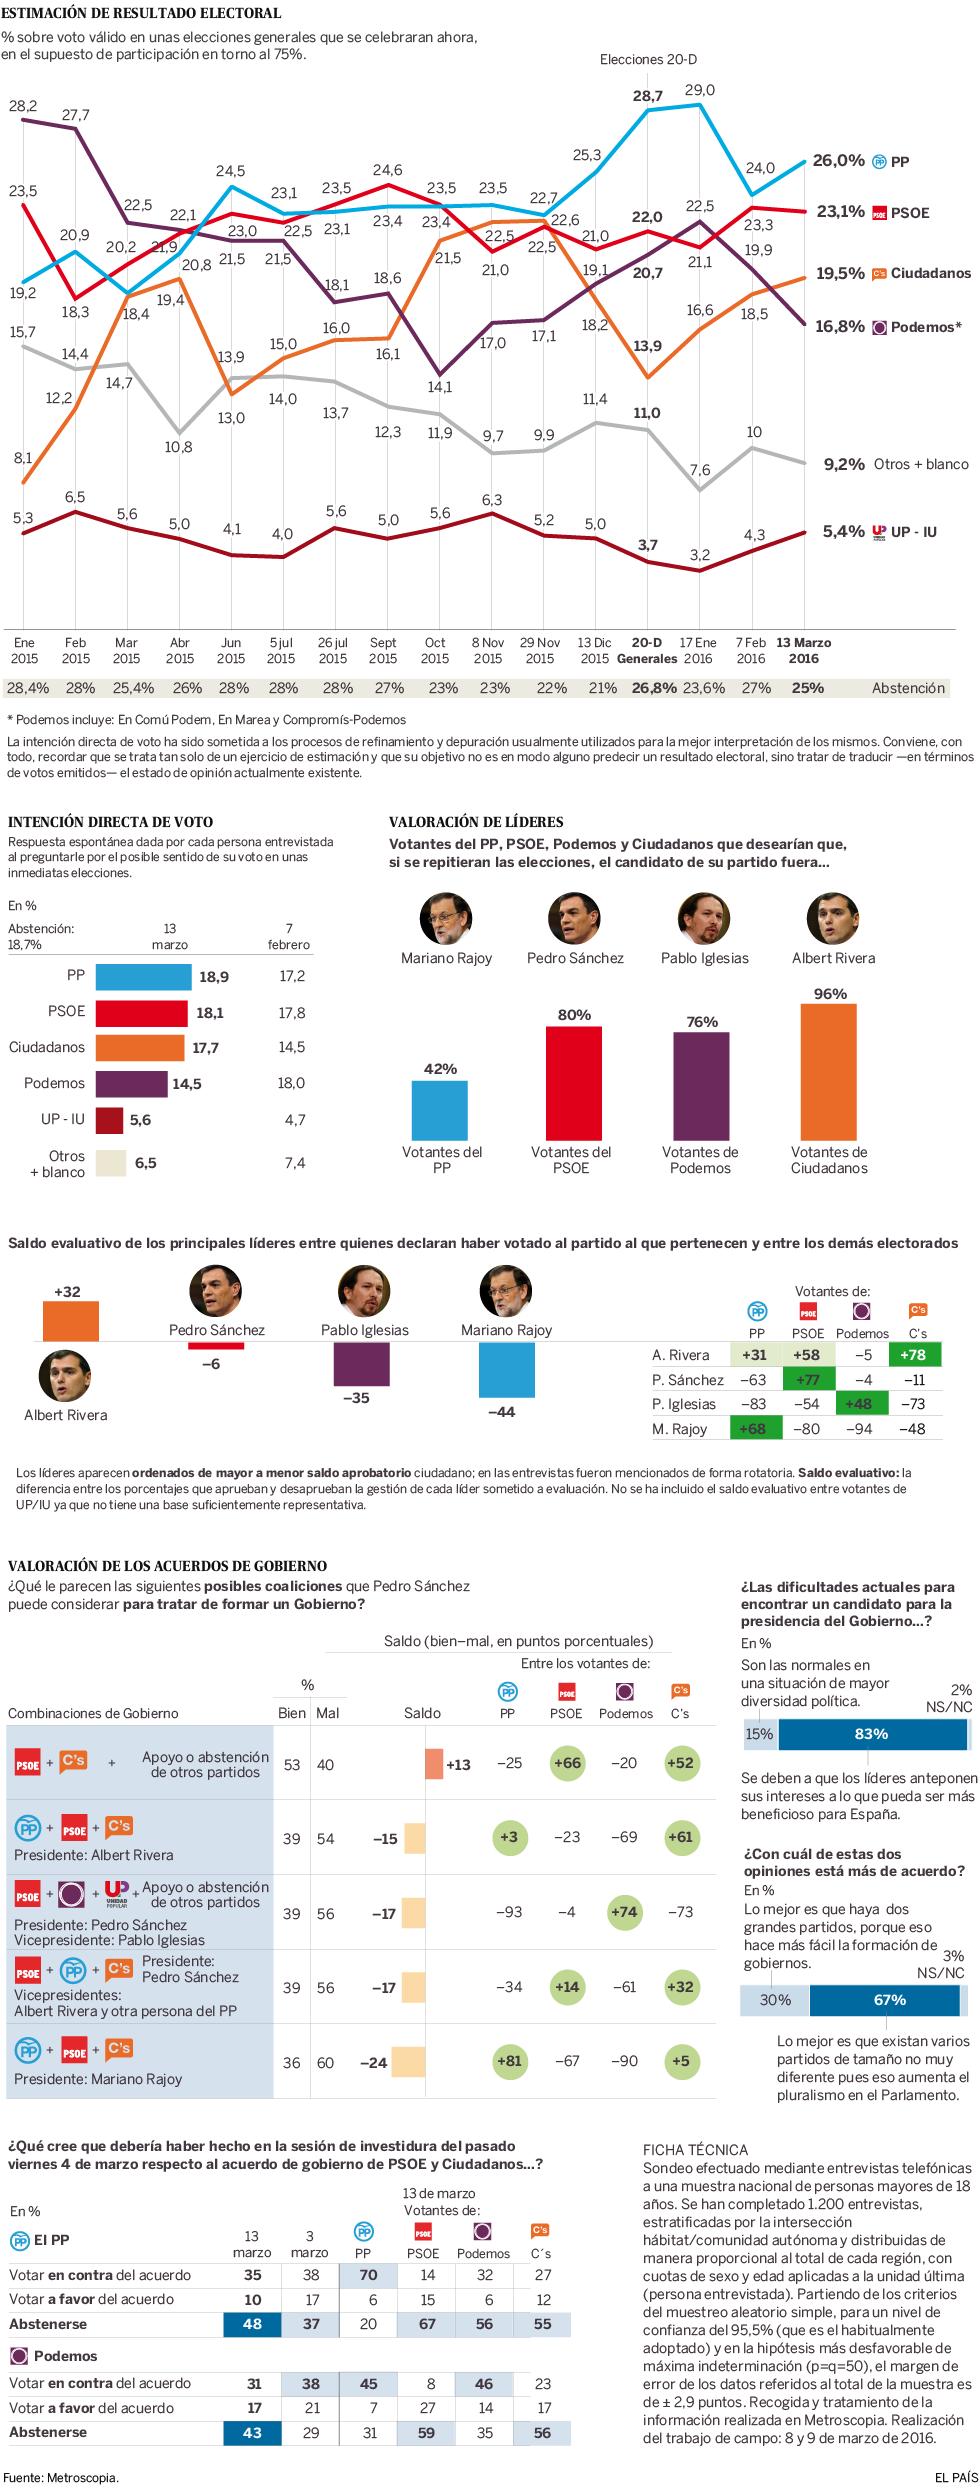 Intención de voto ante unas elecciones generales